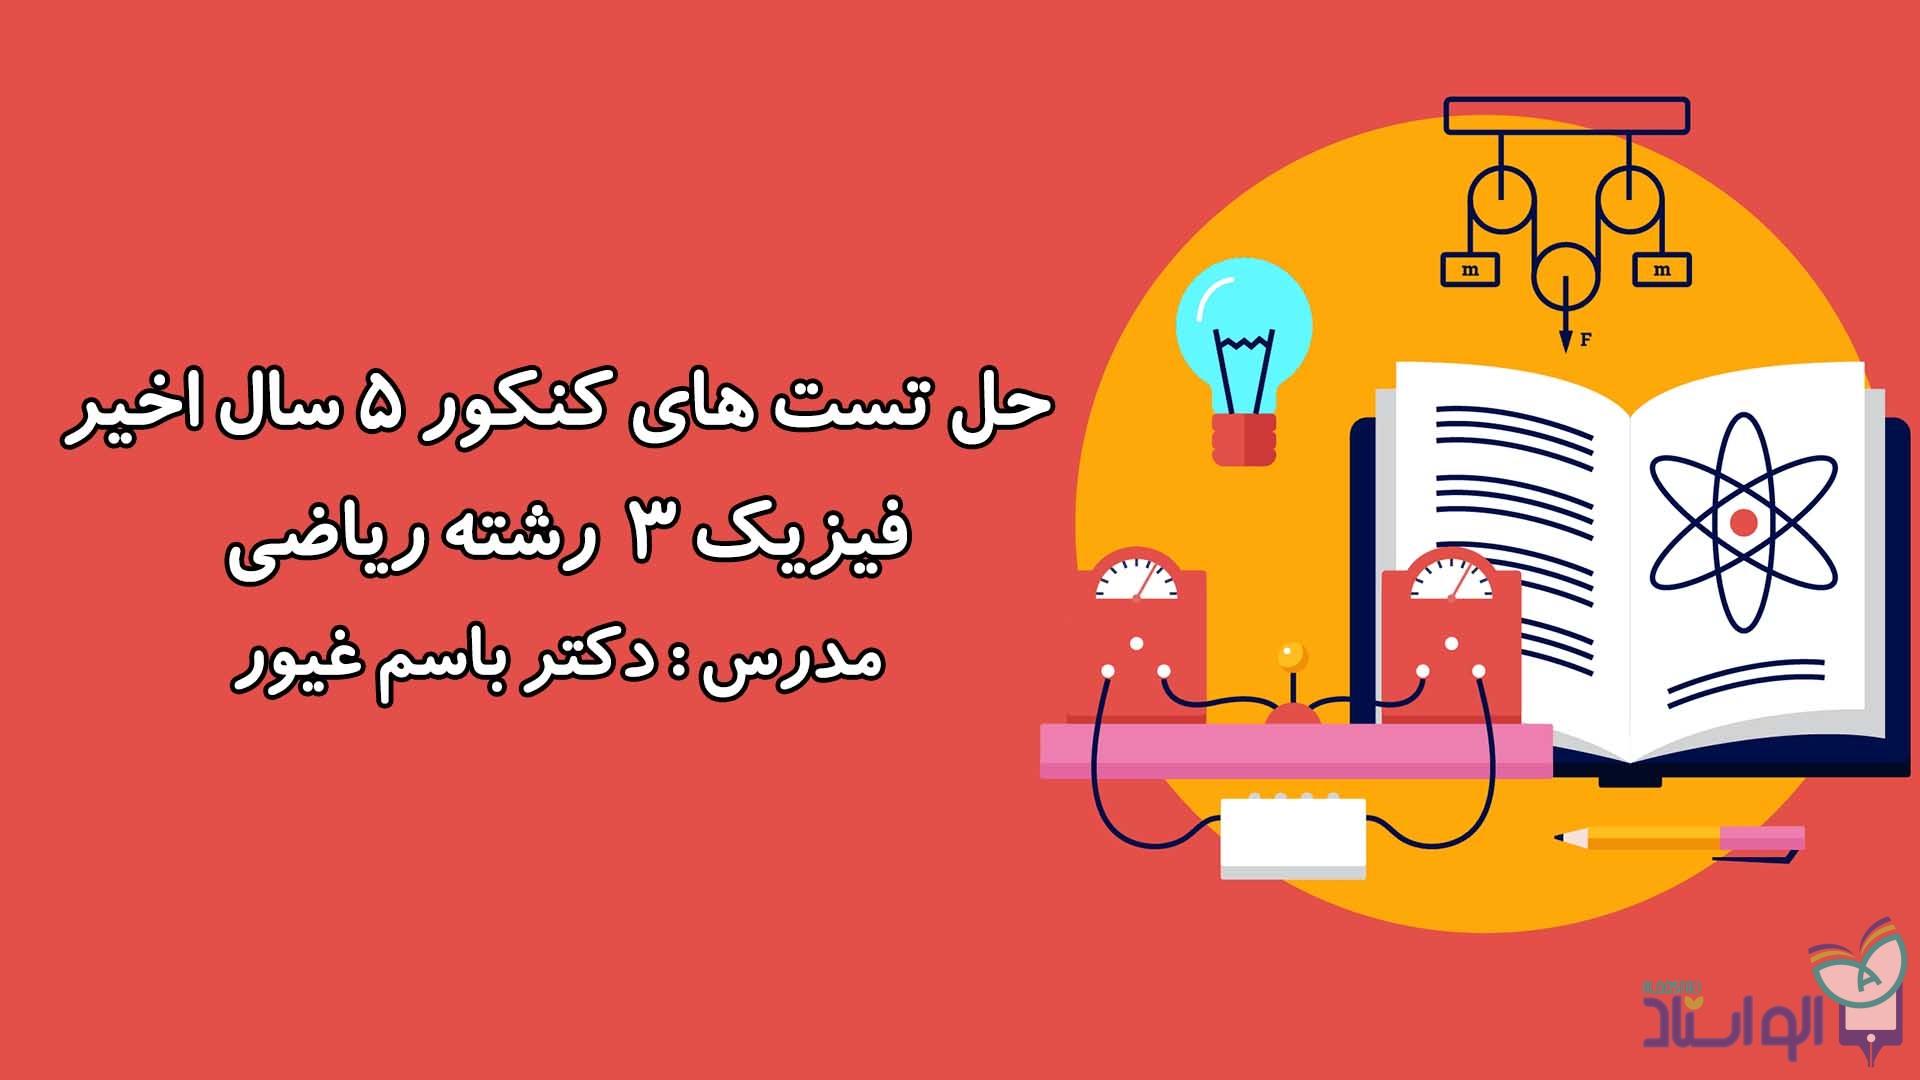 حل تست کنکور ۵ سال اخیر درس فیزیک ۳ پایه ۱۲ رشته ریاضی توسط دکتر باسم غیور